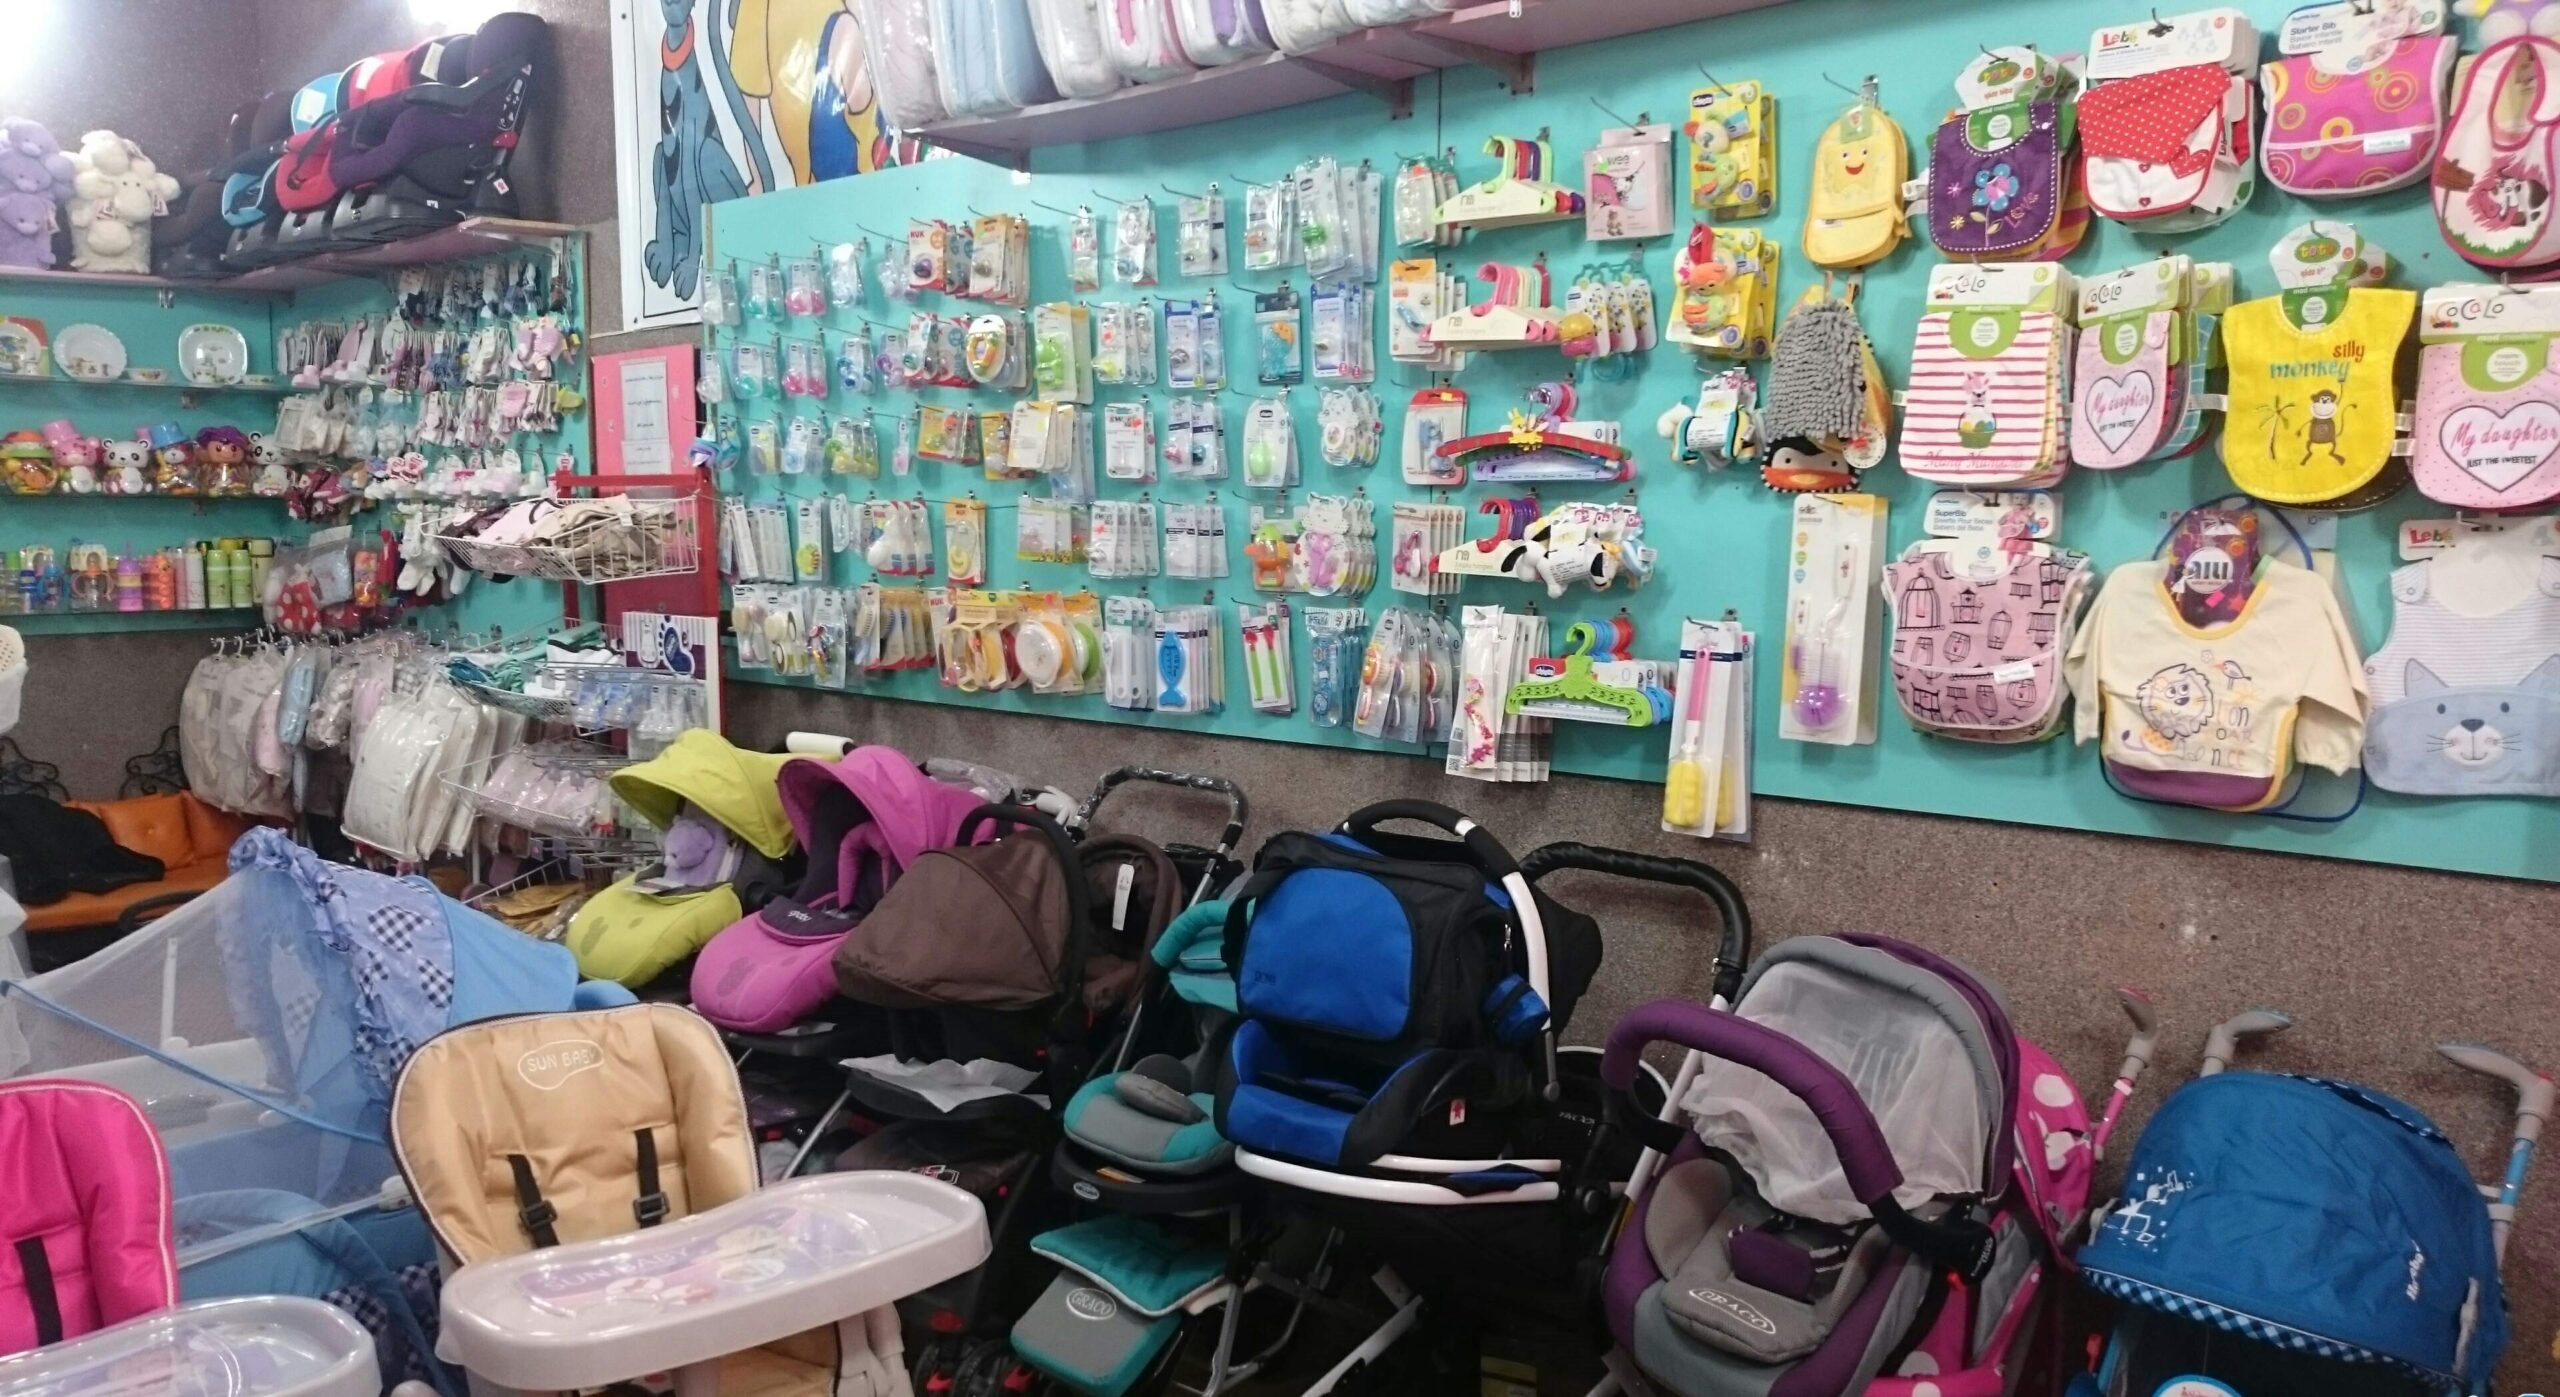 بهترین مراکز خرید لباس کودکان در کیش   آن ها را بشناسید